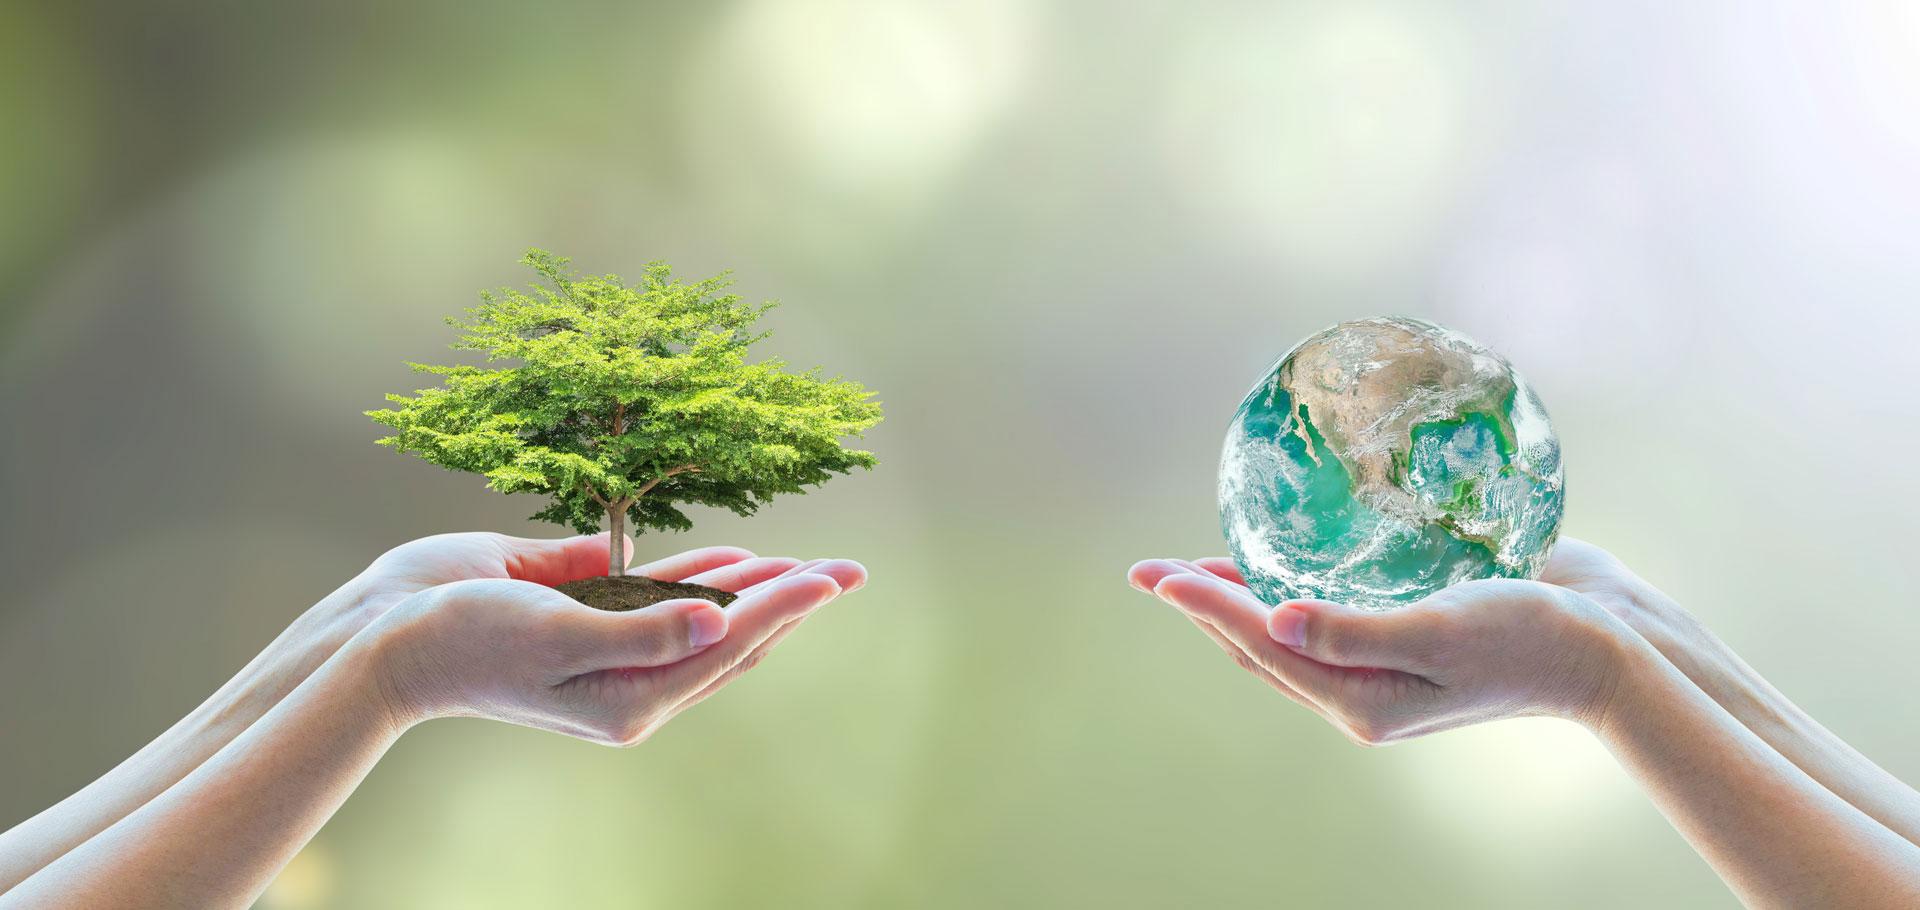 İnsani ve Bilimsel Değerlerimiz Açısından; ÇEVRE KORUMACILIĞI VE TOPLUM SAĞLIĞI